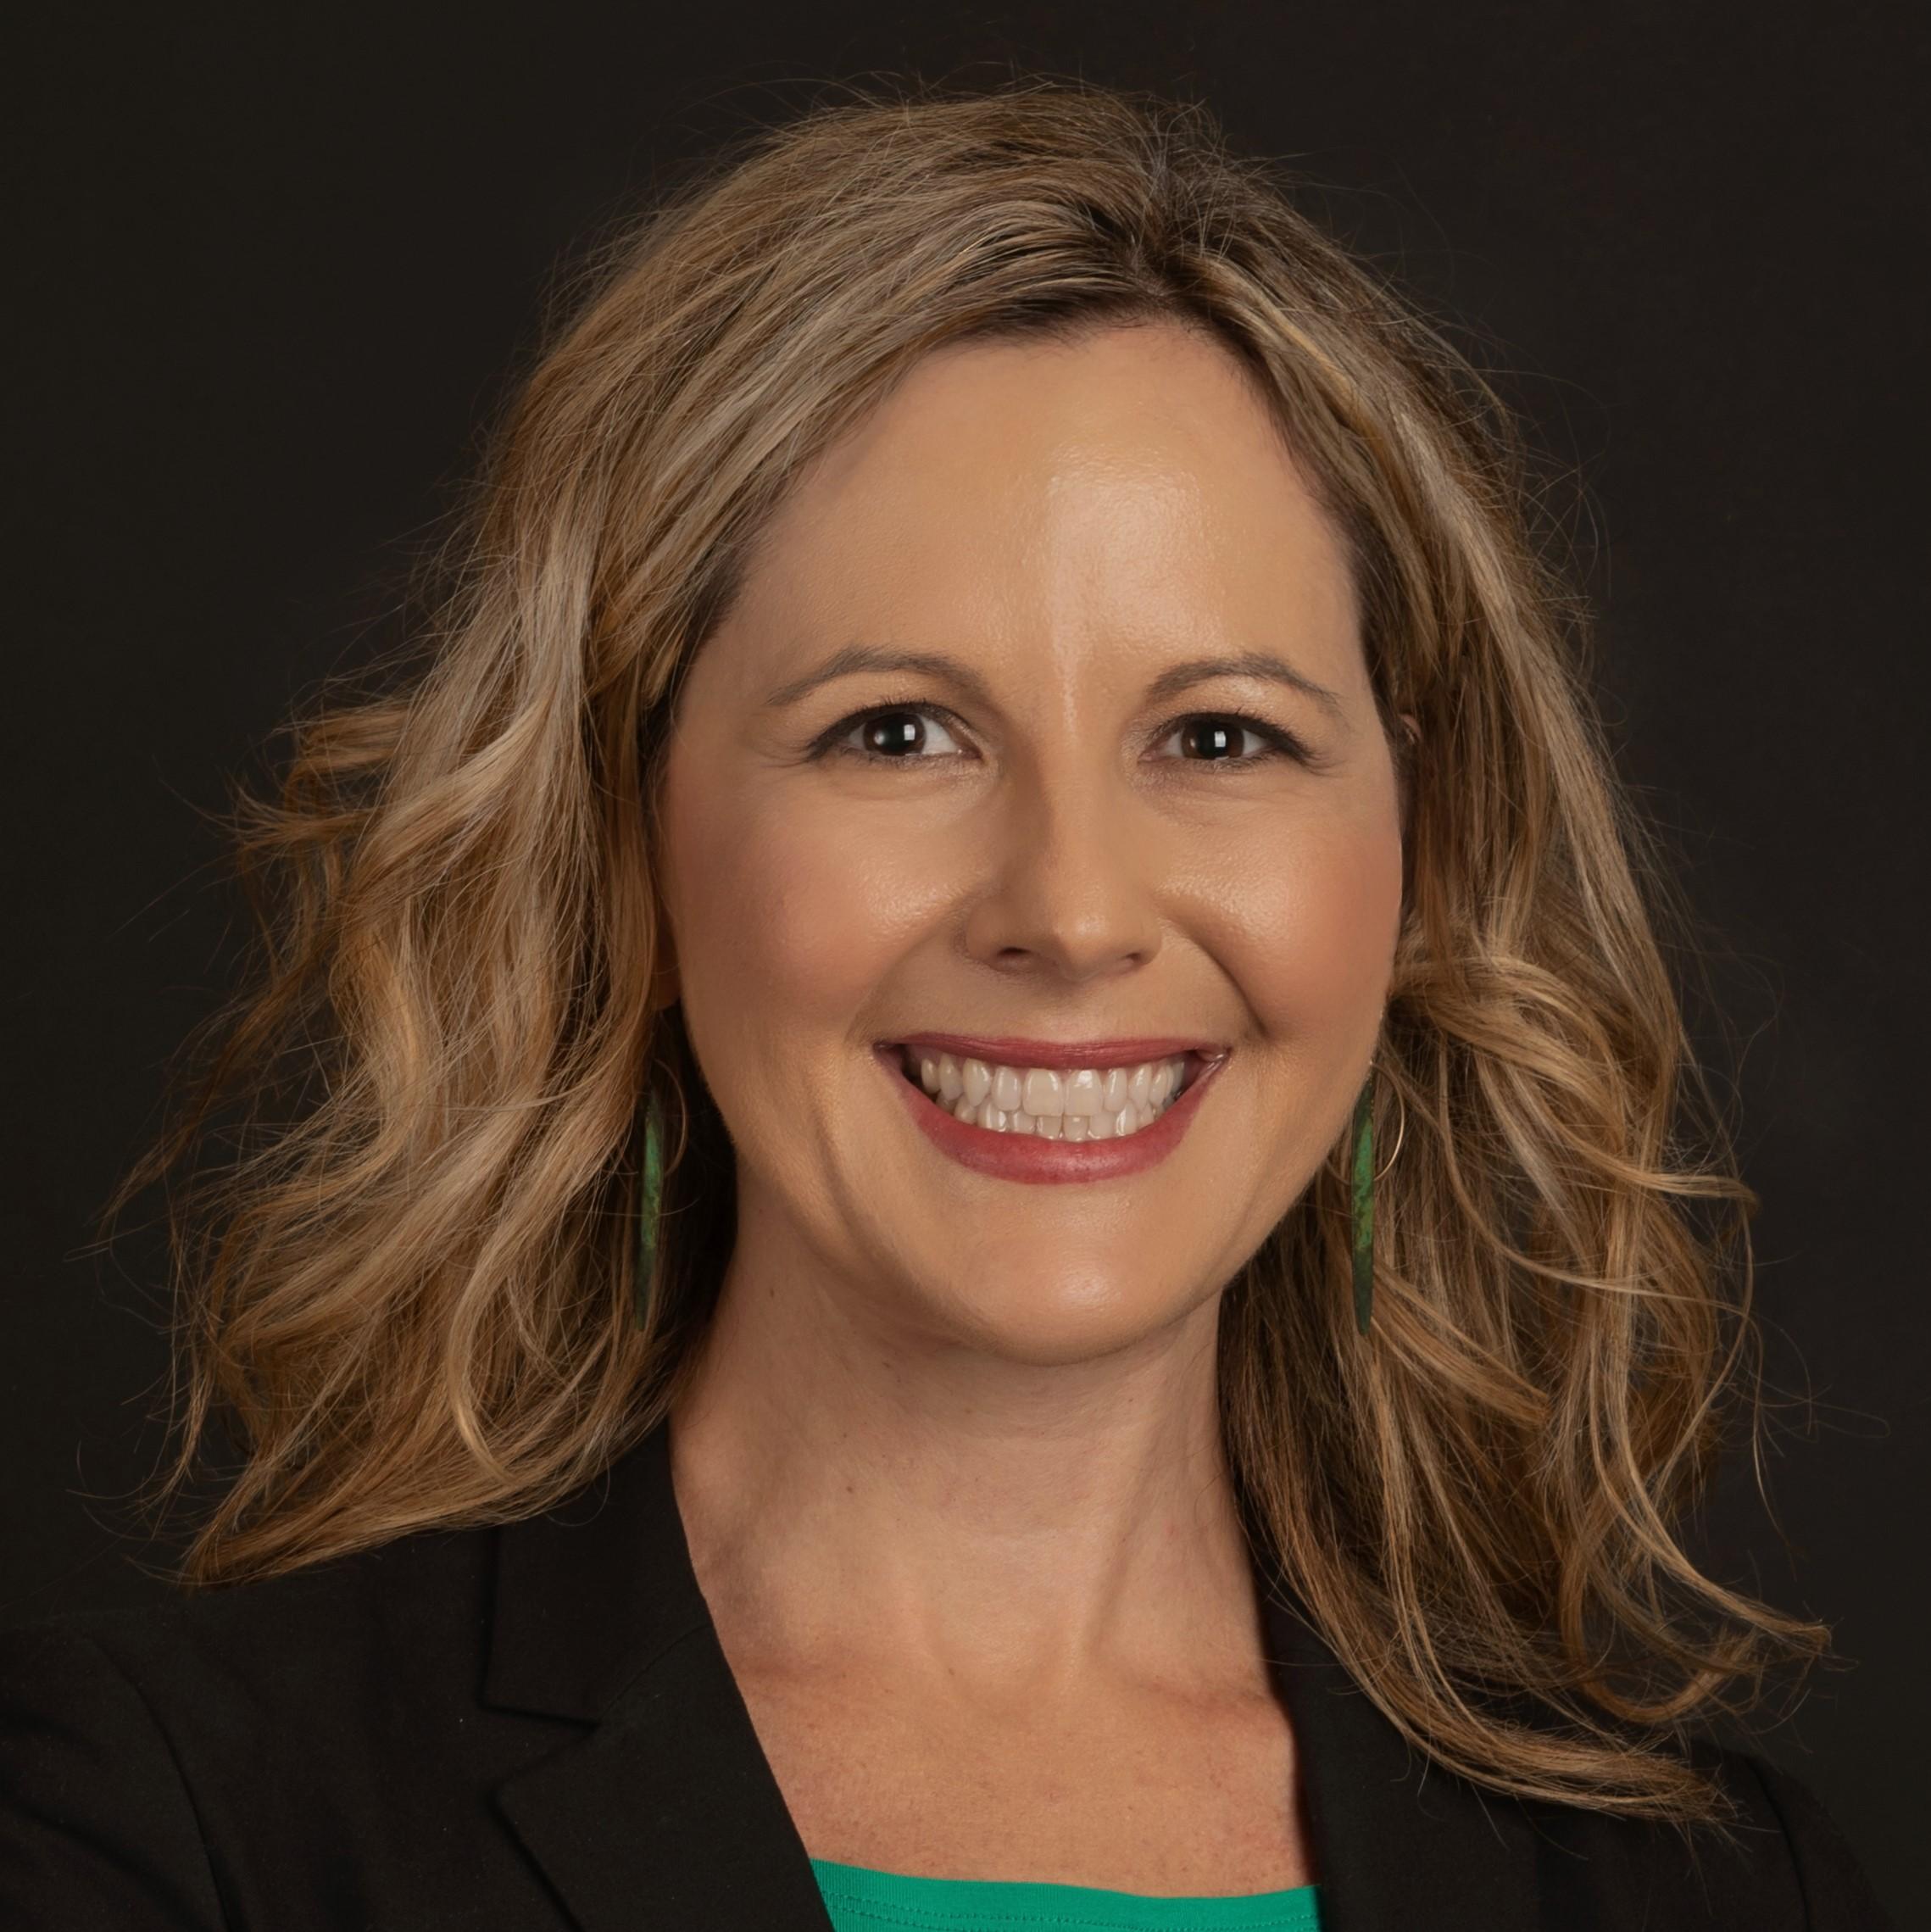 Jenna McKnight